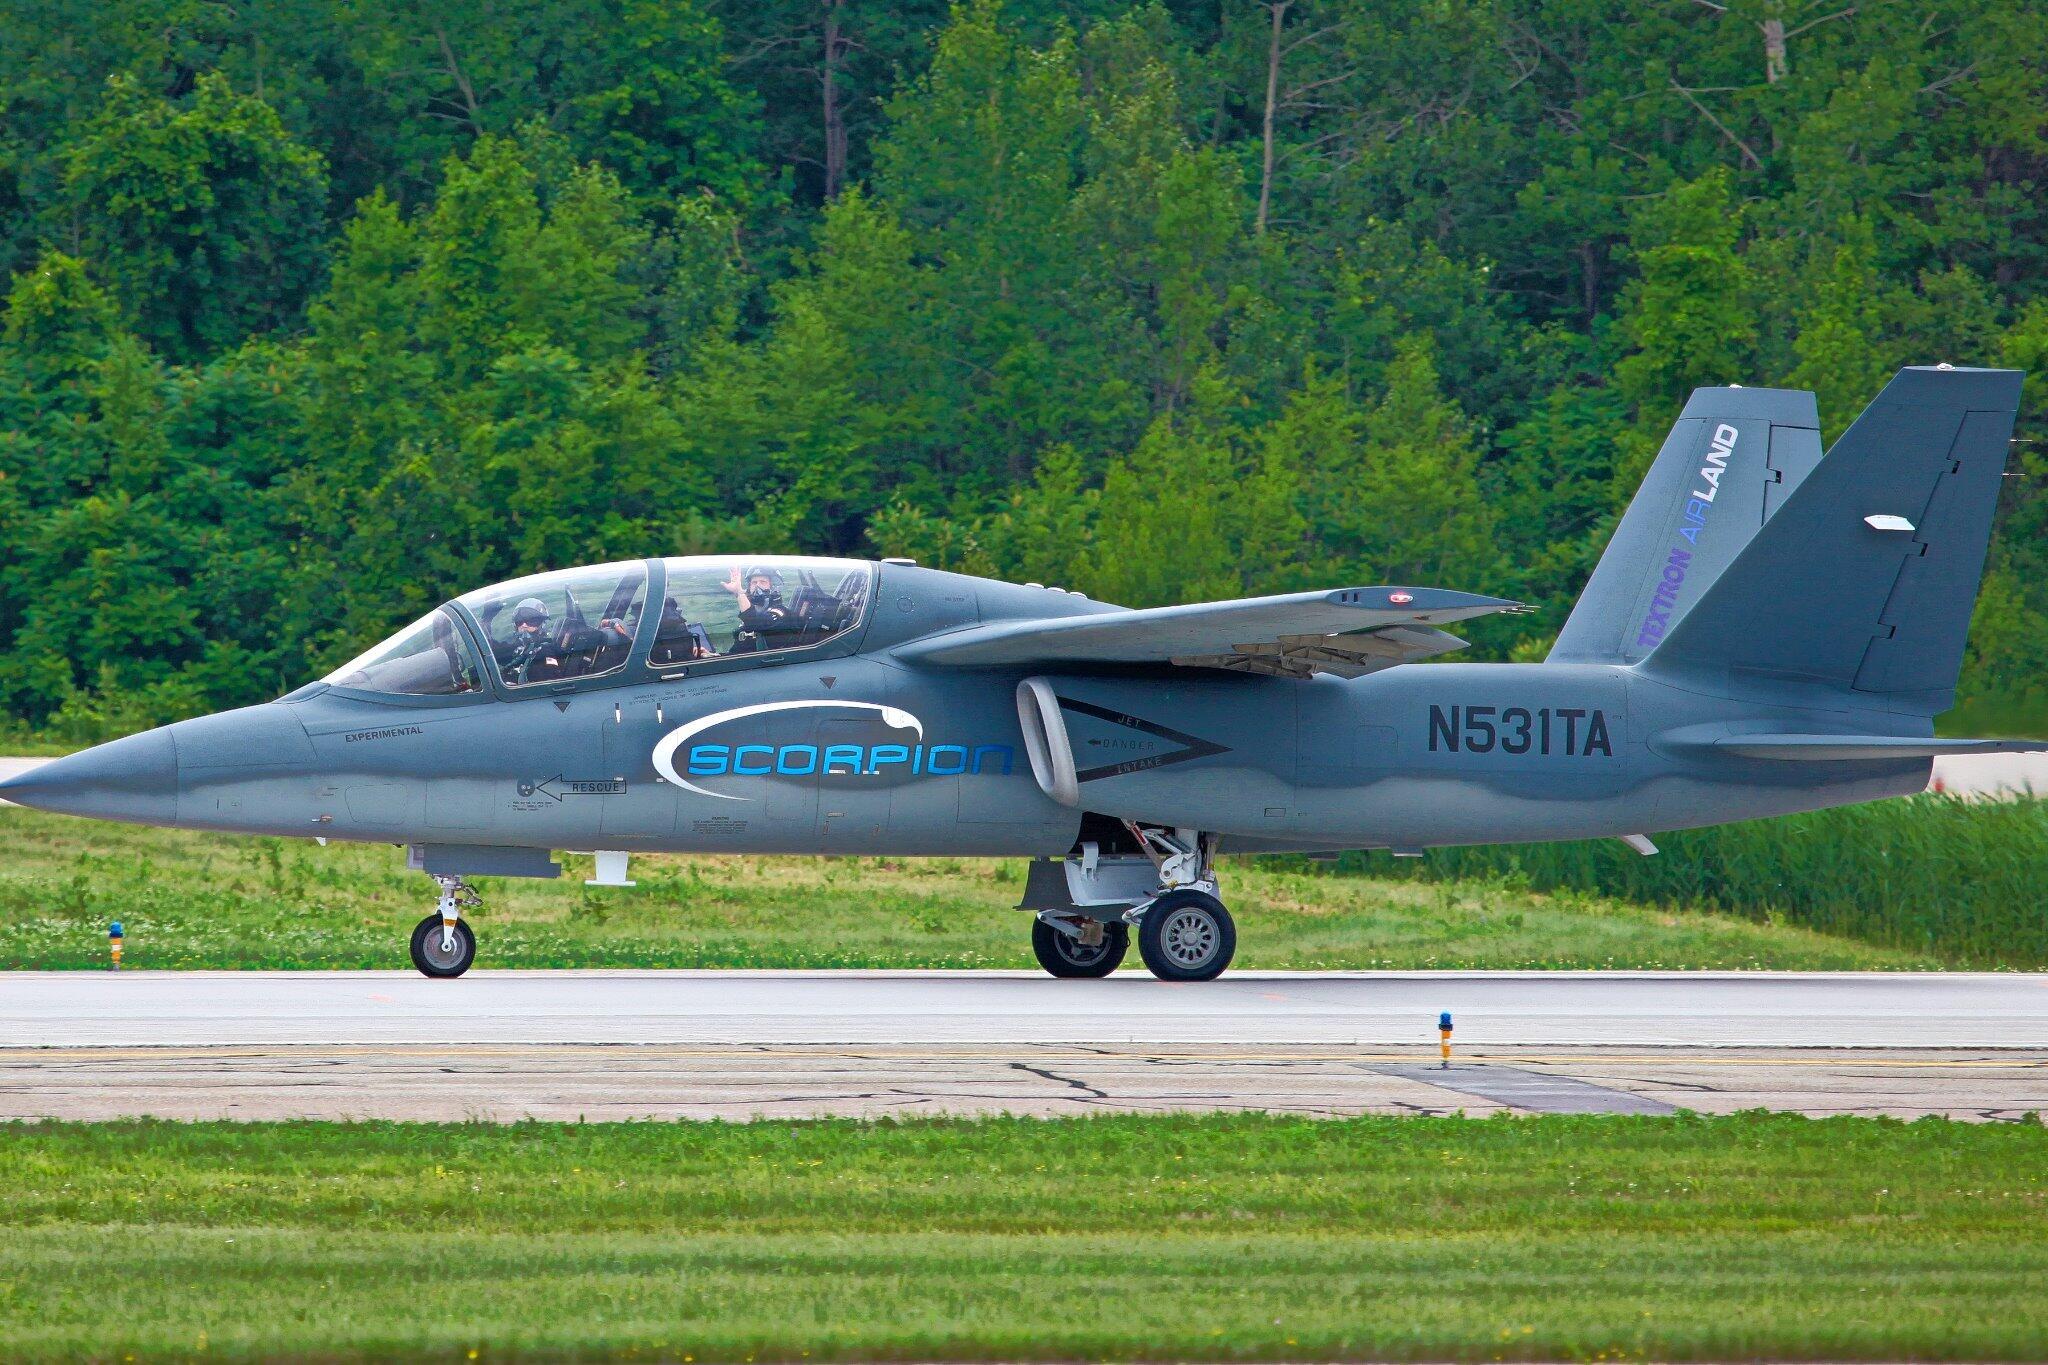 Scorpion ISR/Strike Aircraft BrjeRO8CAAArJK0